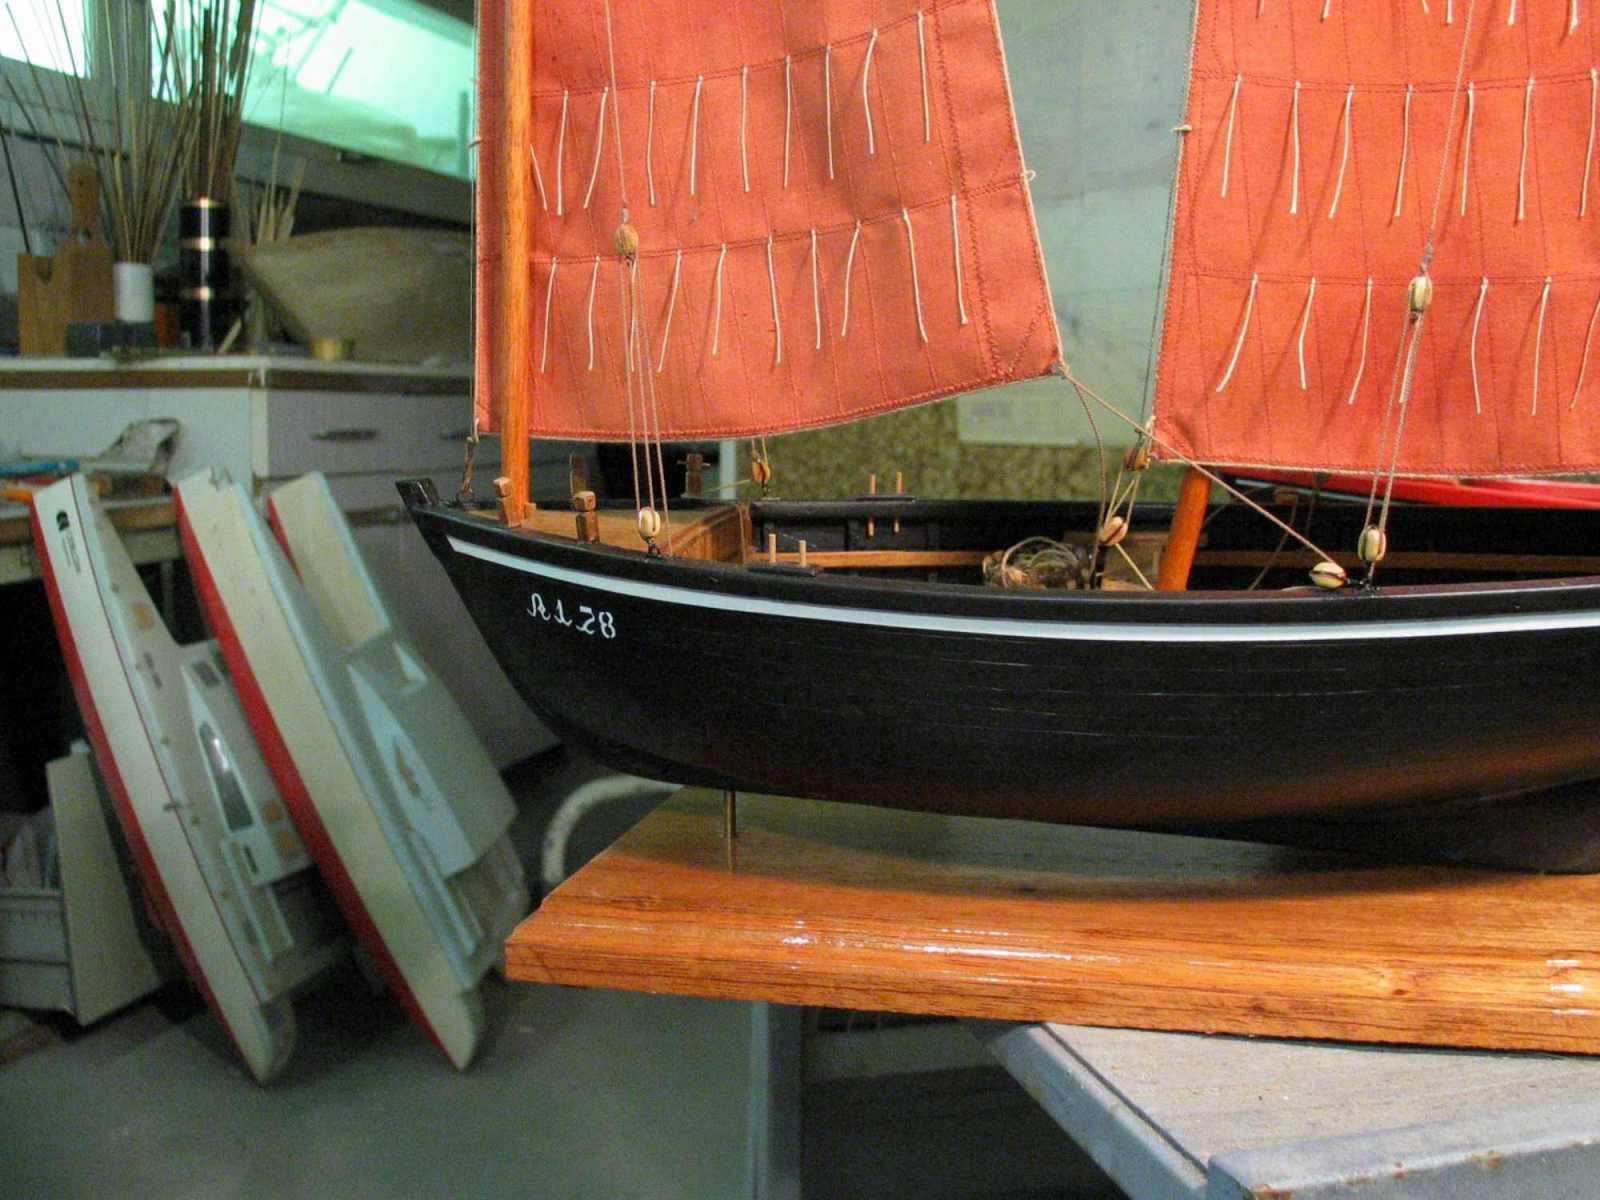 Maquette de Sinago du Morbihan Bateau de pêche ancien à voile